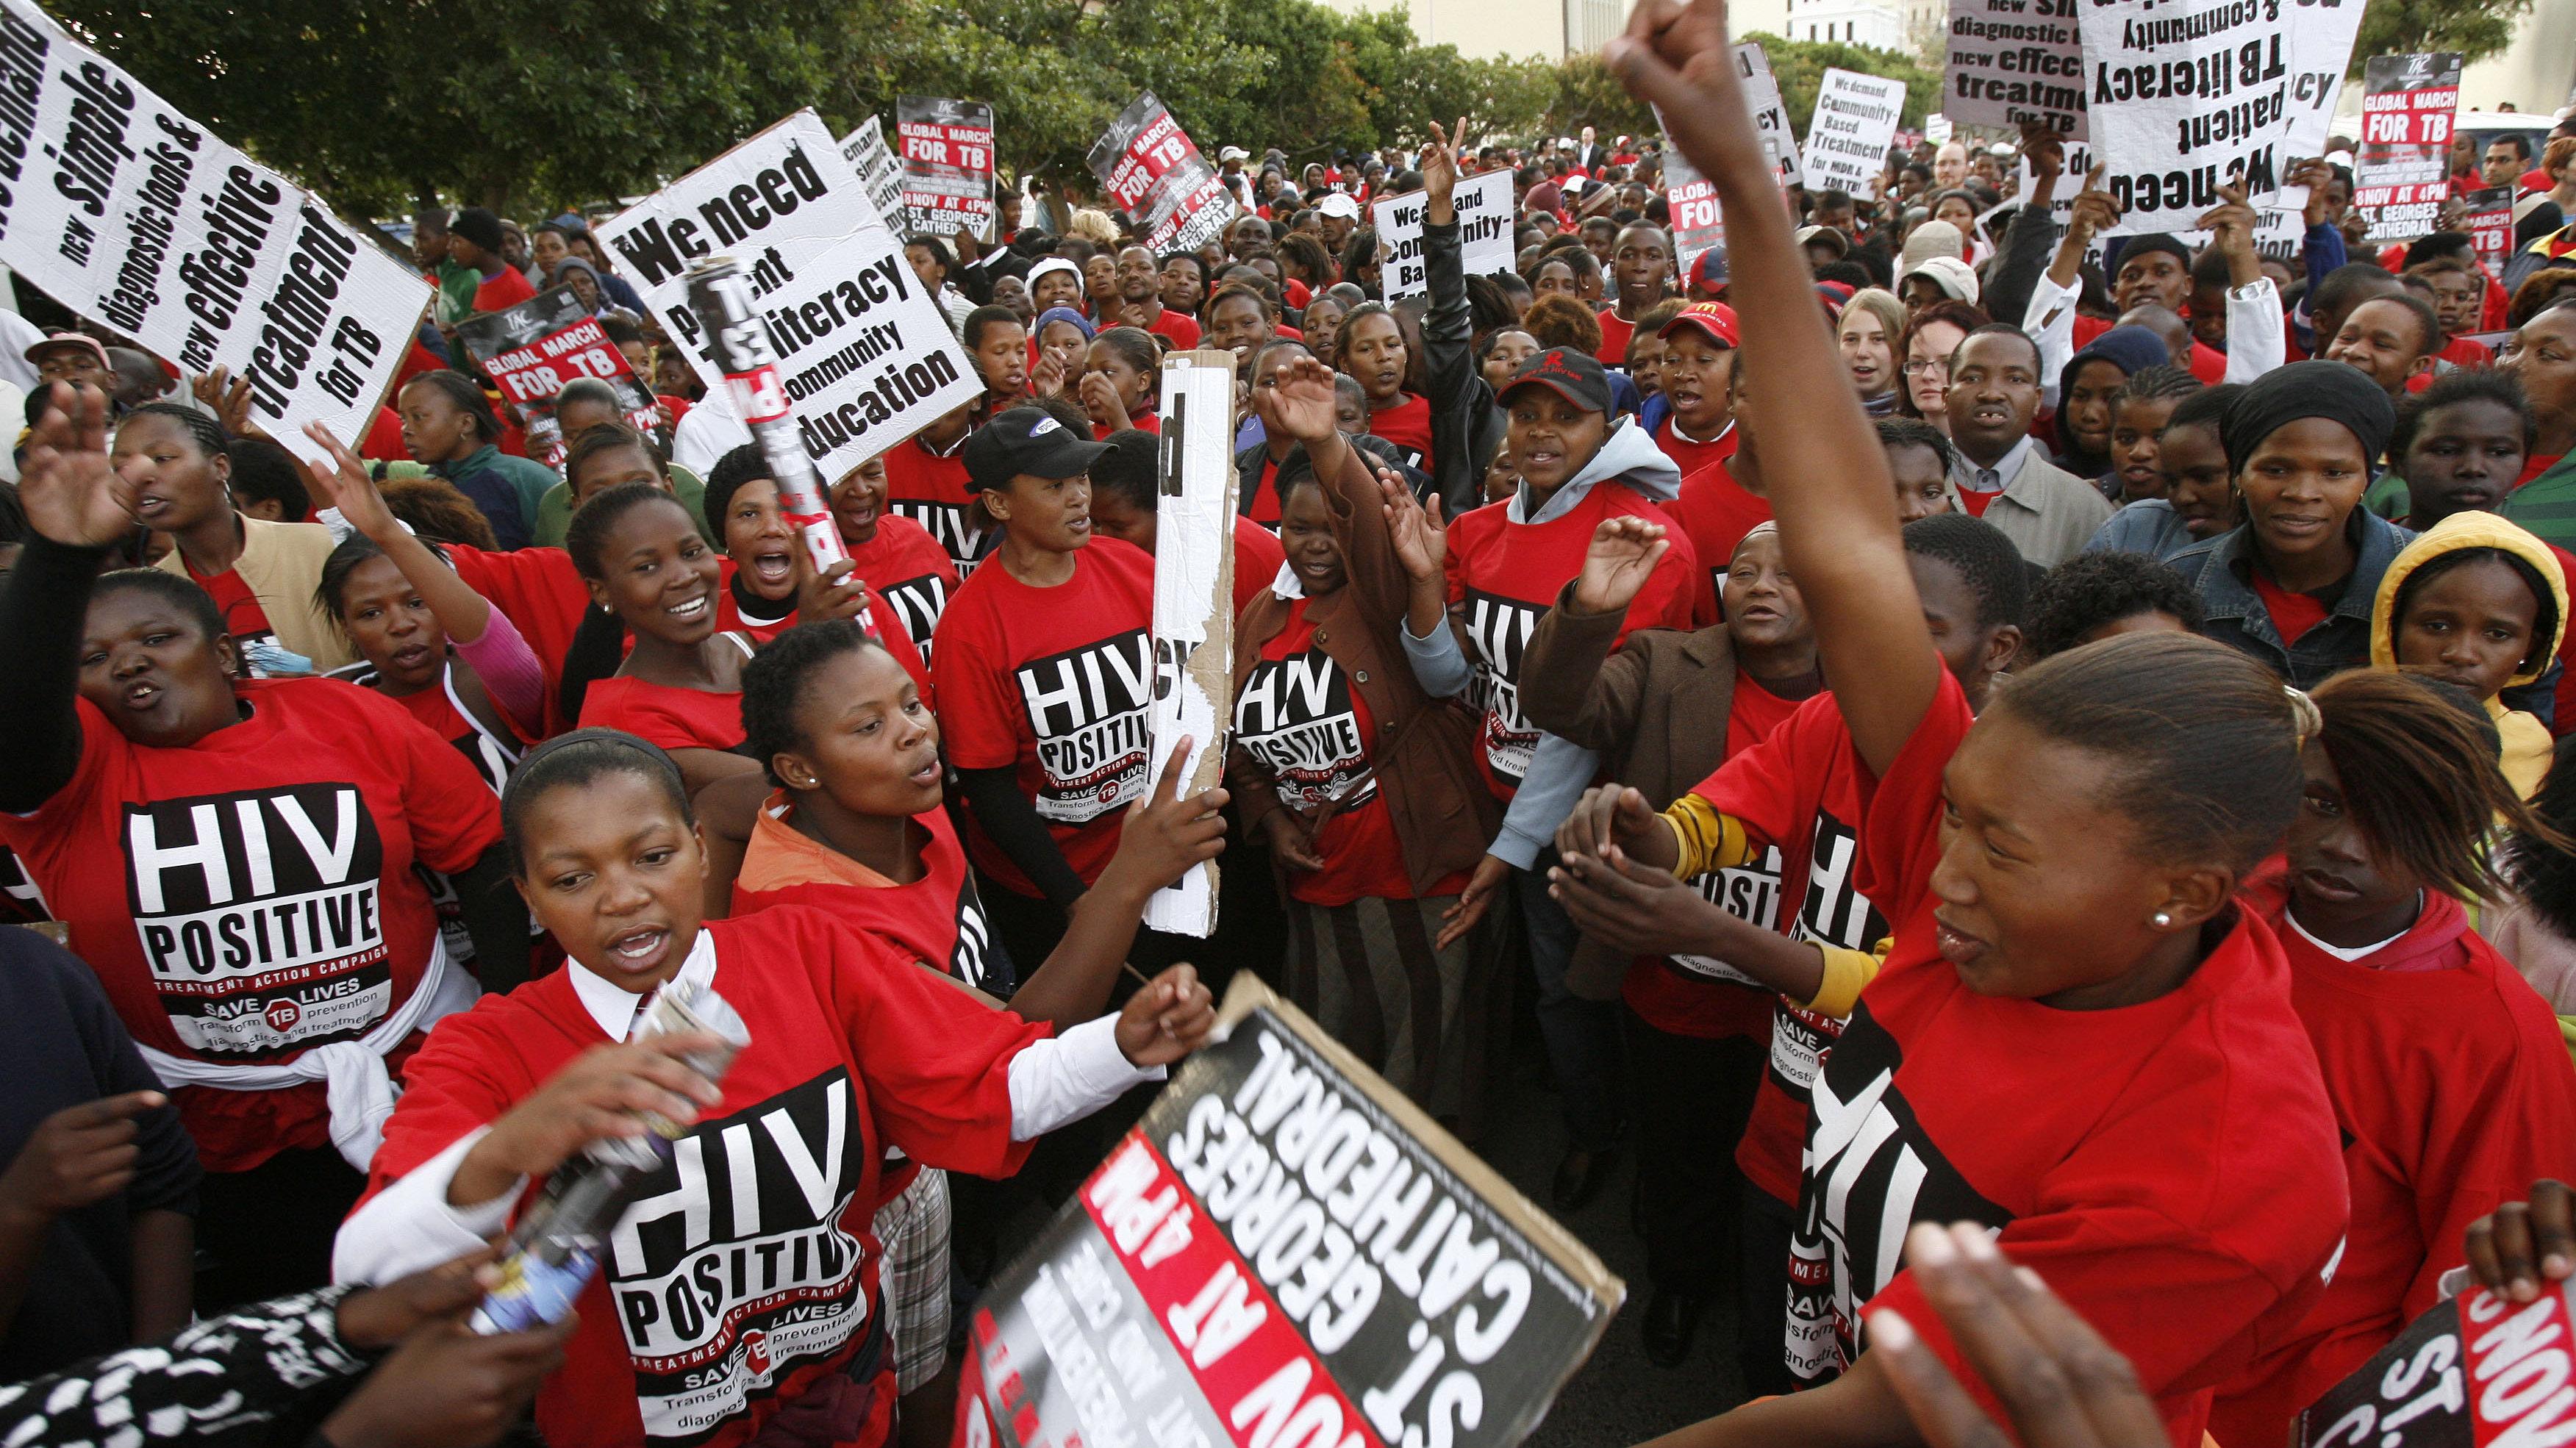 HIV TB protest